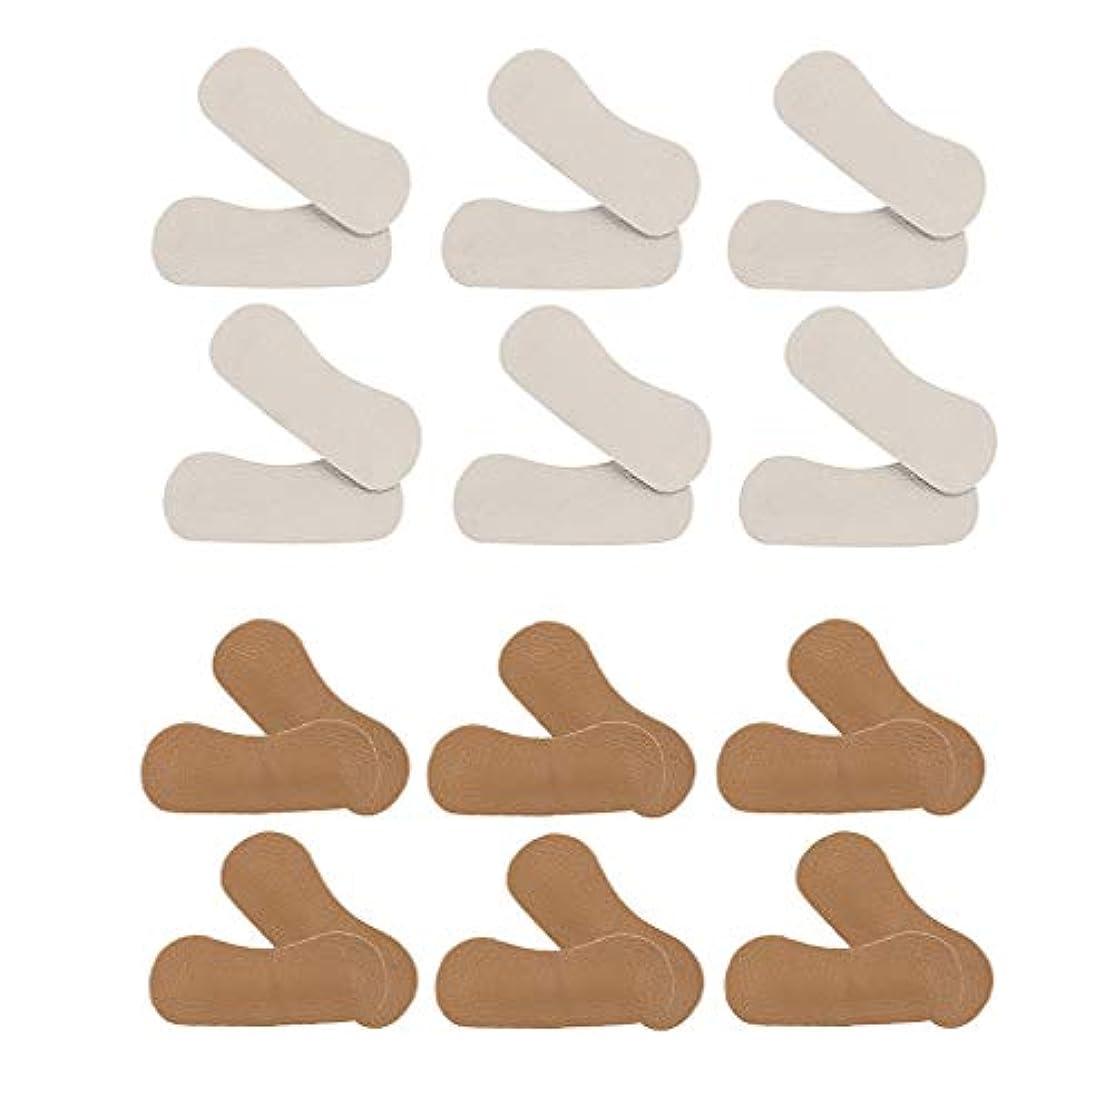 安全追放最大のP Prettyia 12ペア かかとパッド ヒールパッド ハイヒール ビジネスシューズ 靴ずれ防止 靴擦れ 痛み軽減